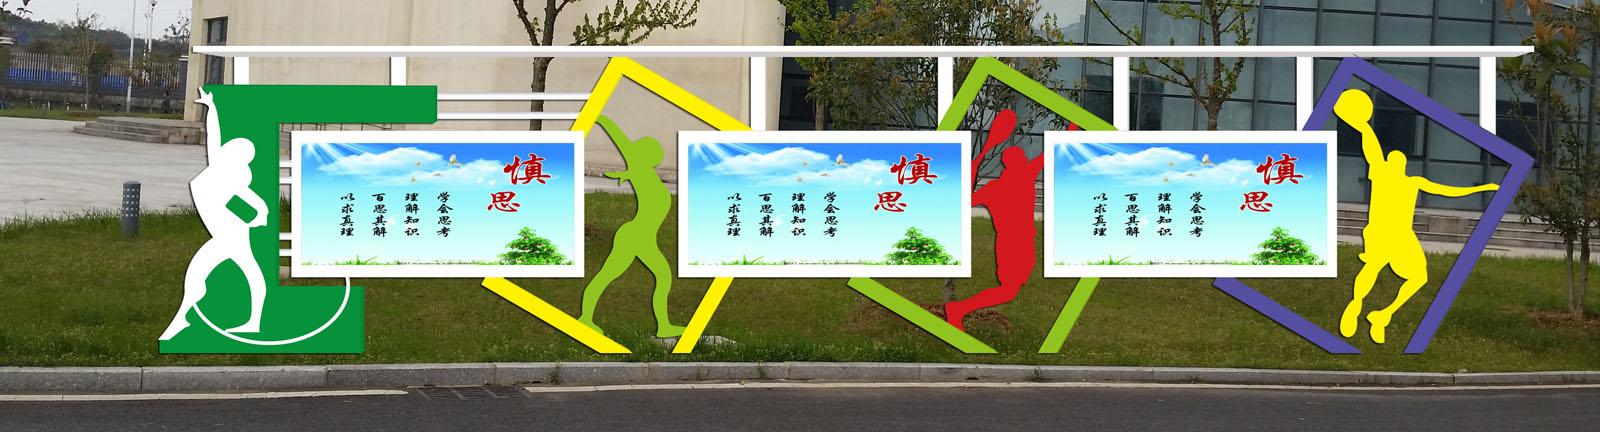 广州公交候车亭